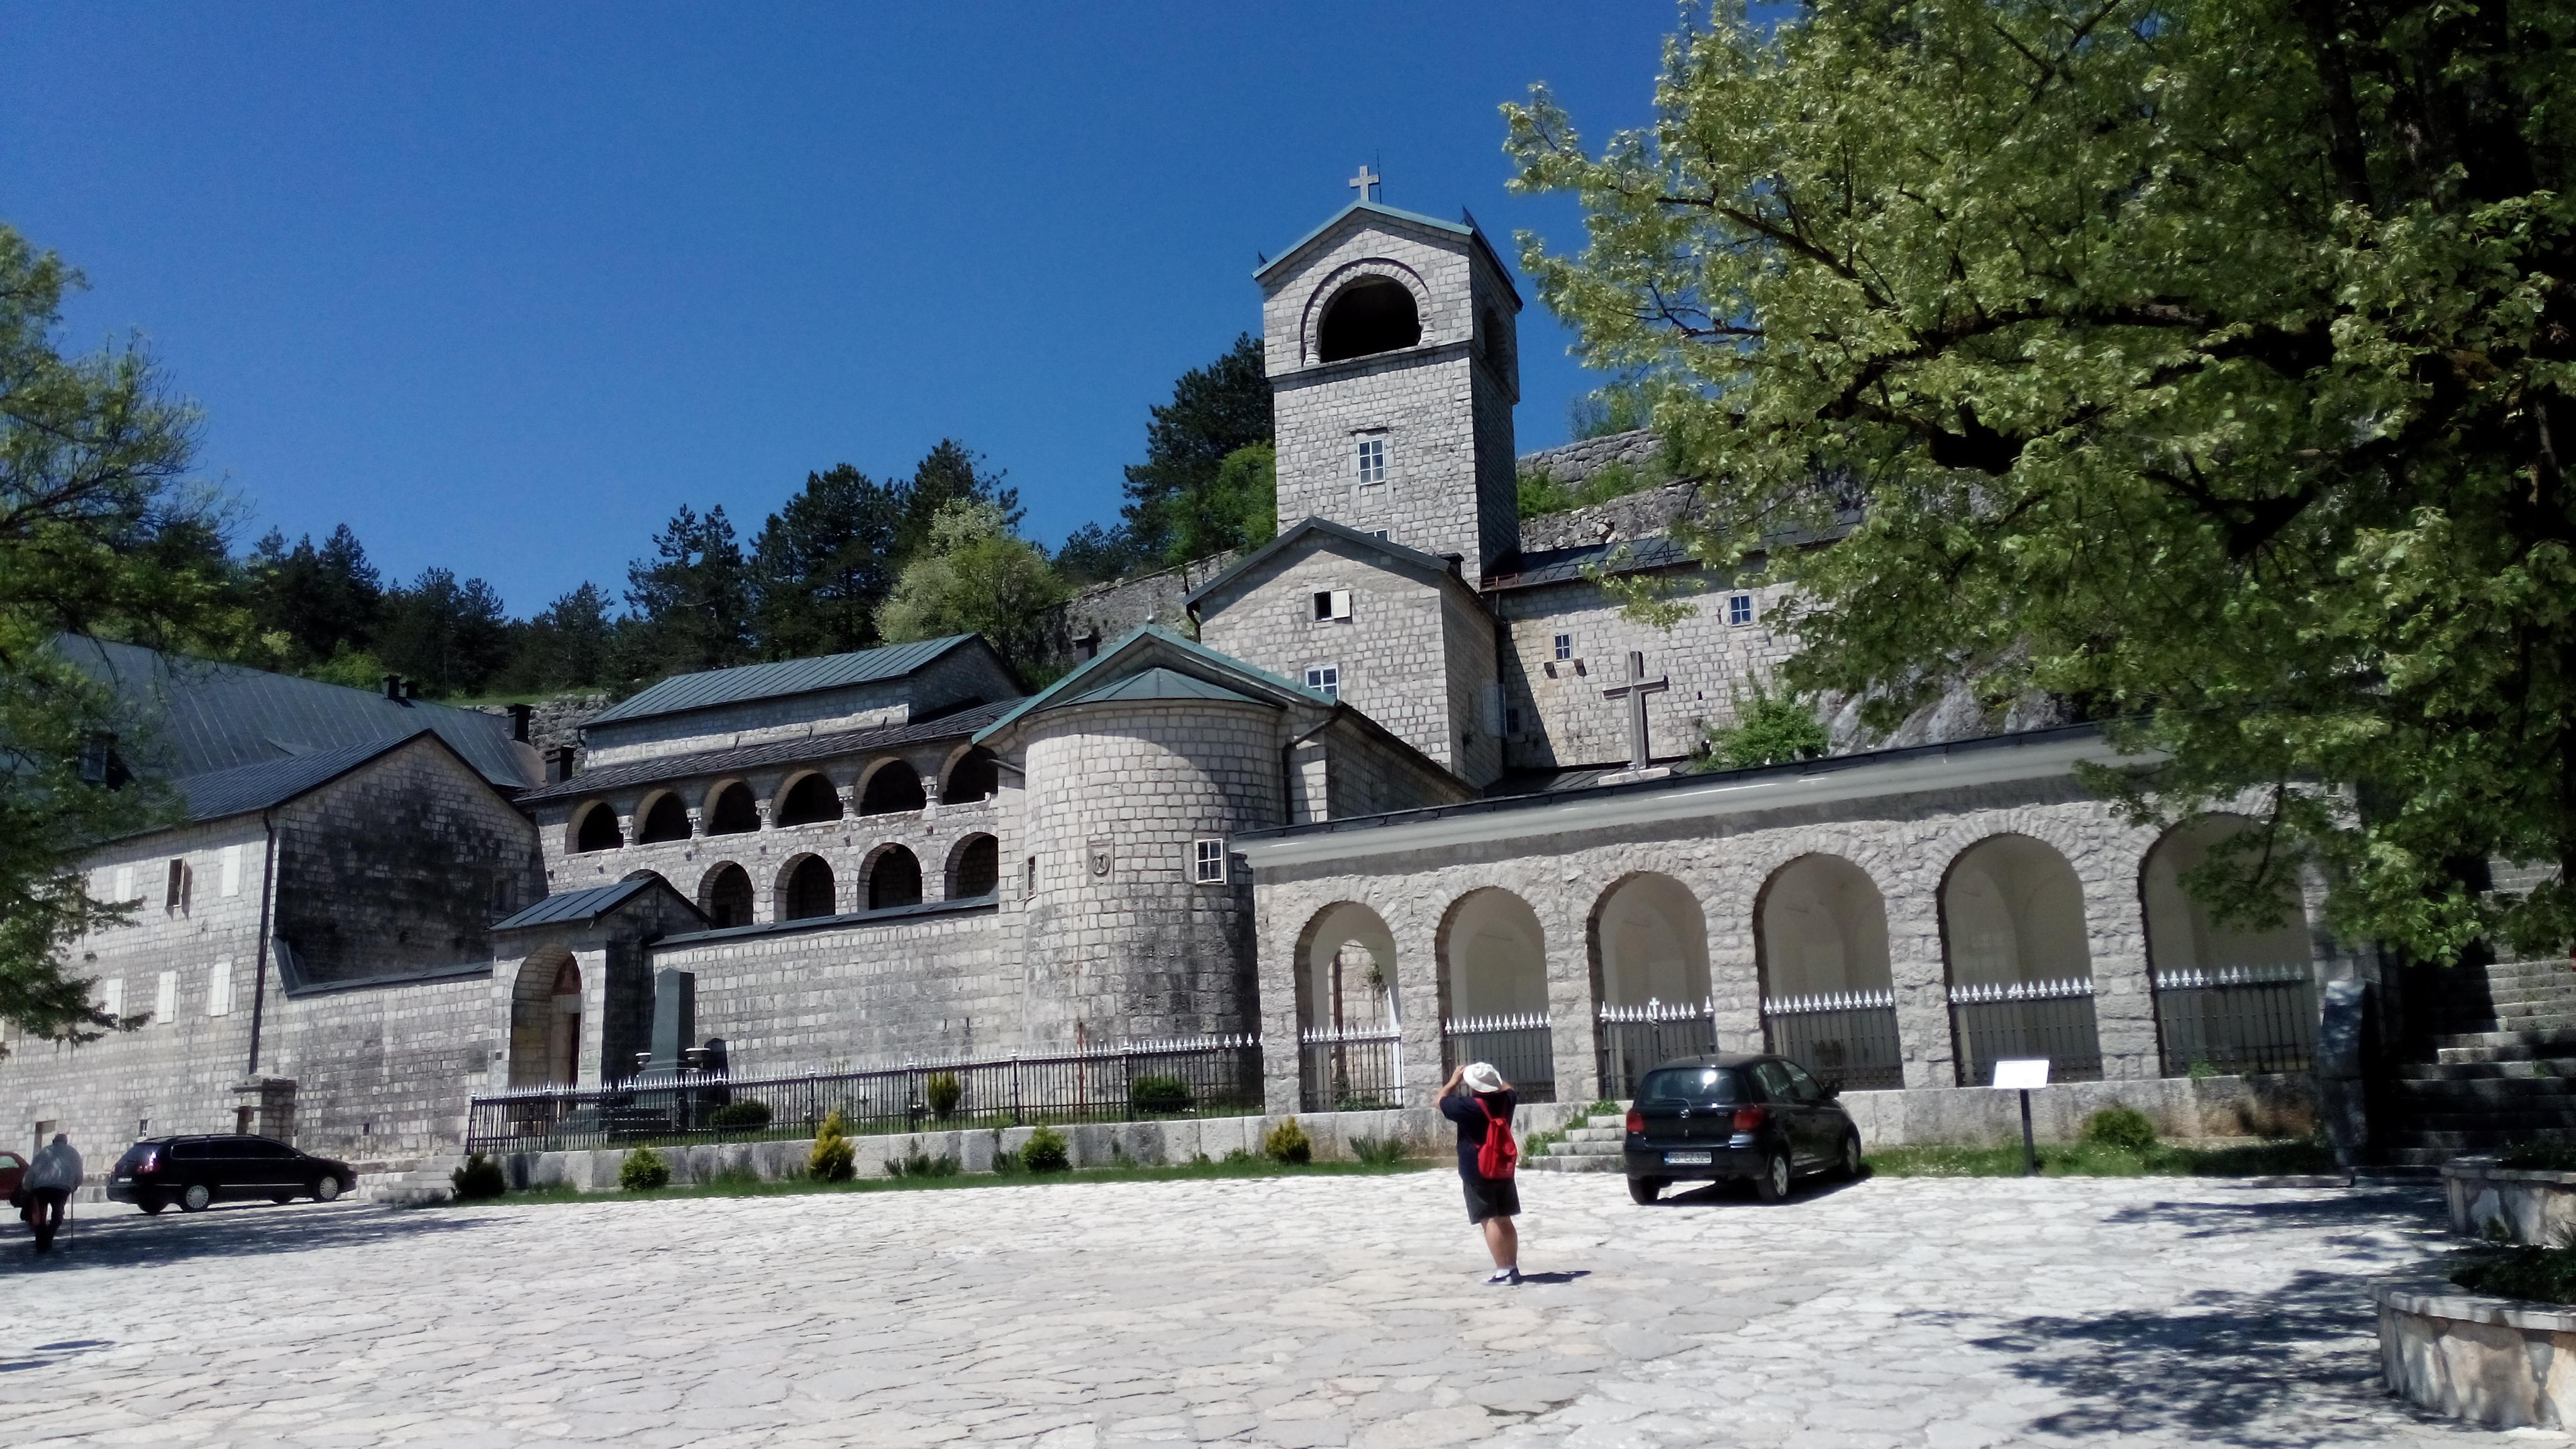 cetinjski_manastir_cetinje